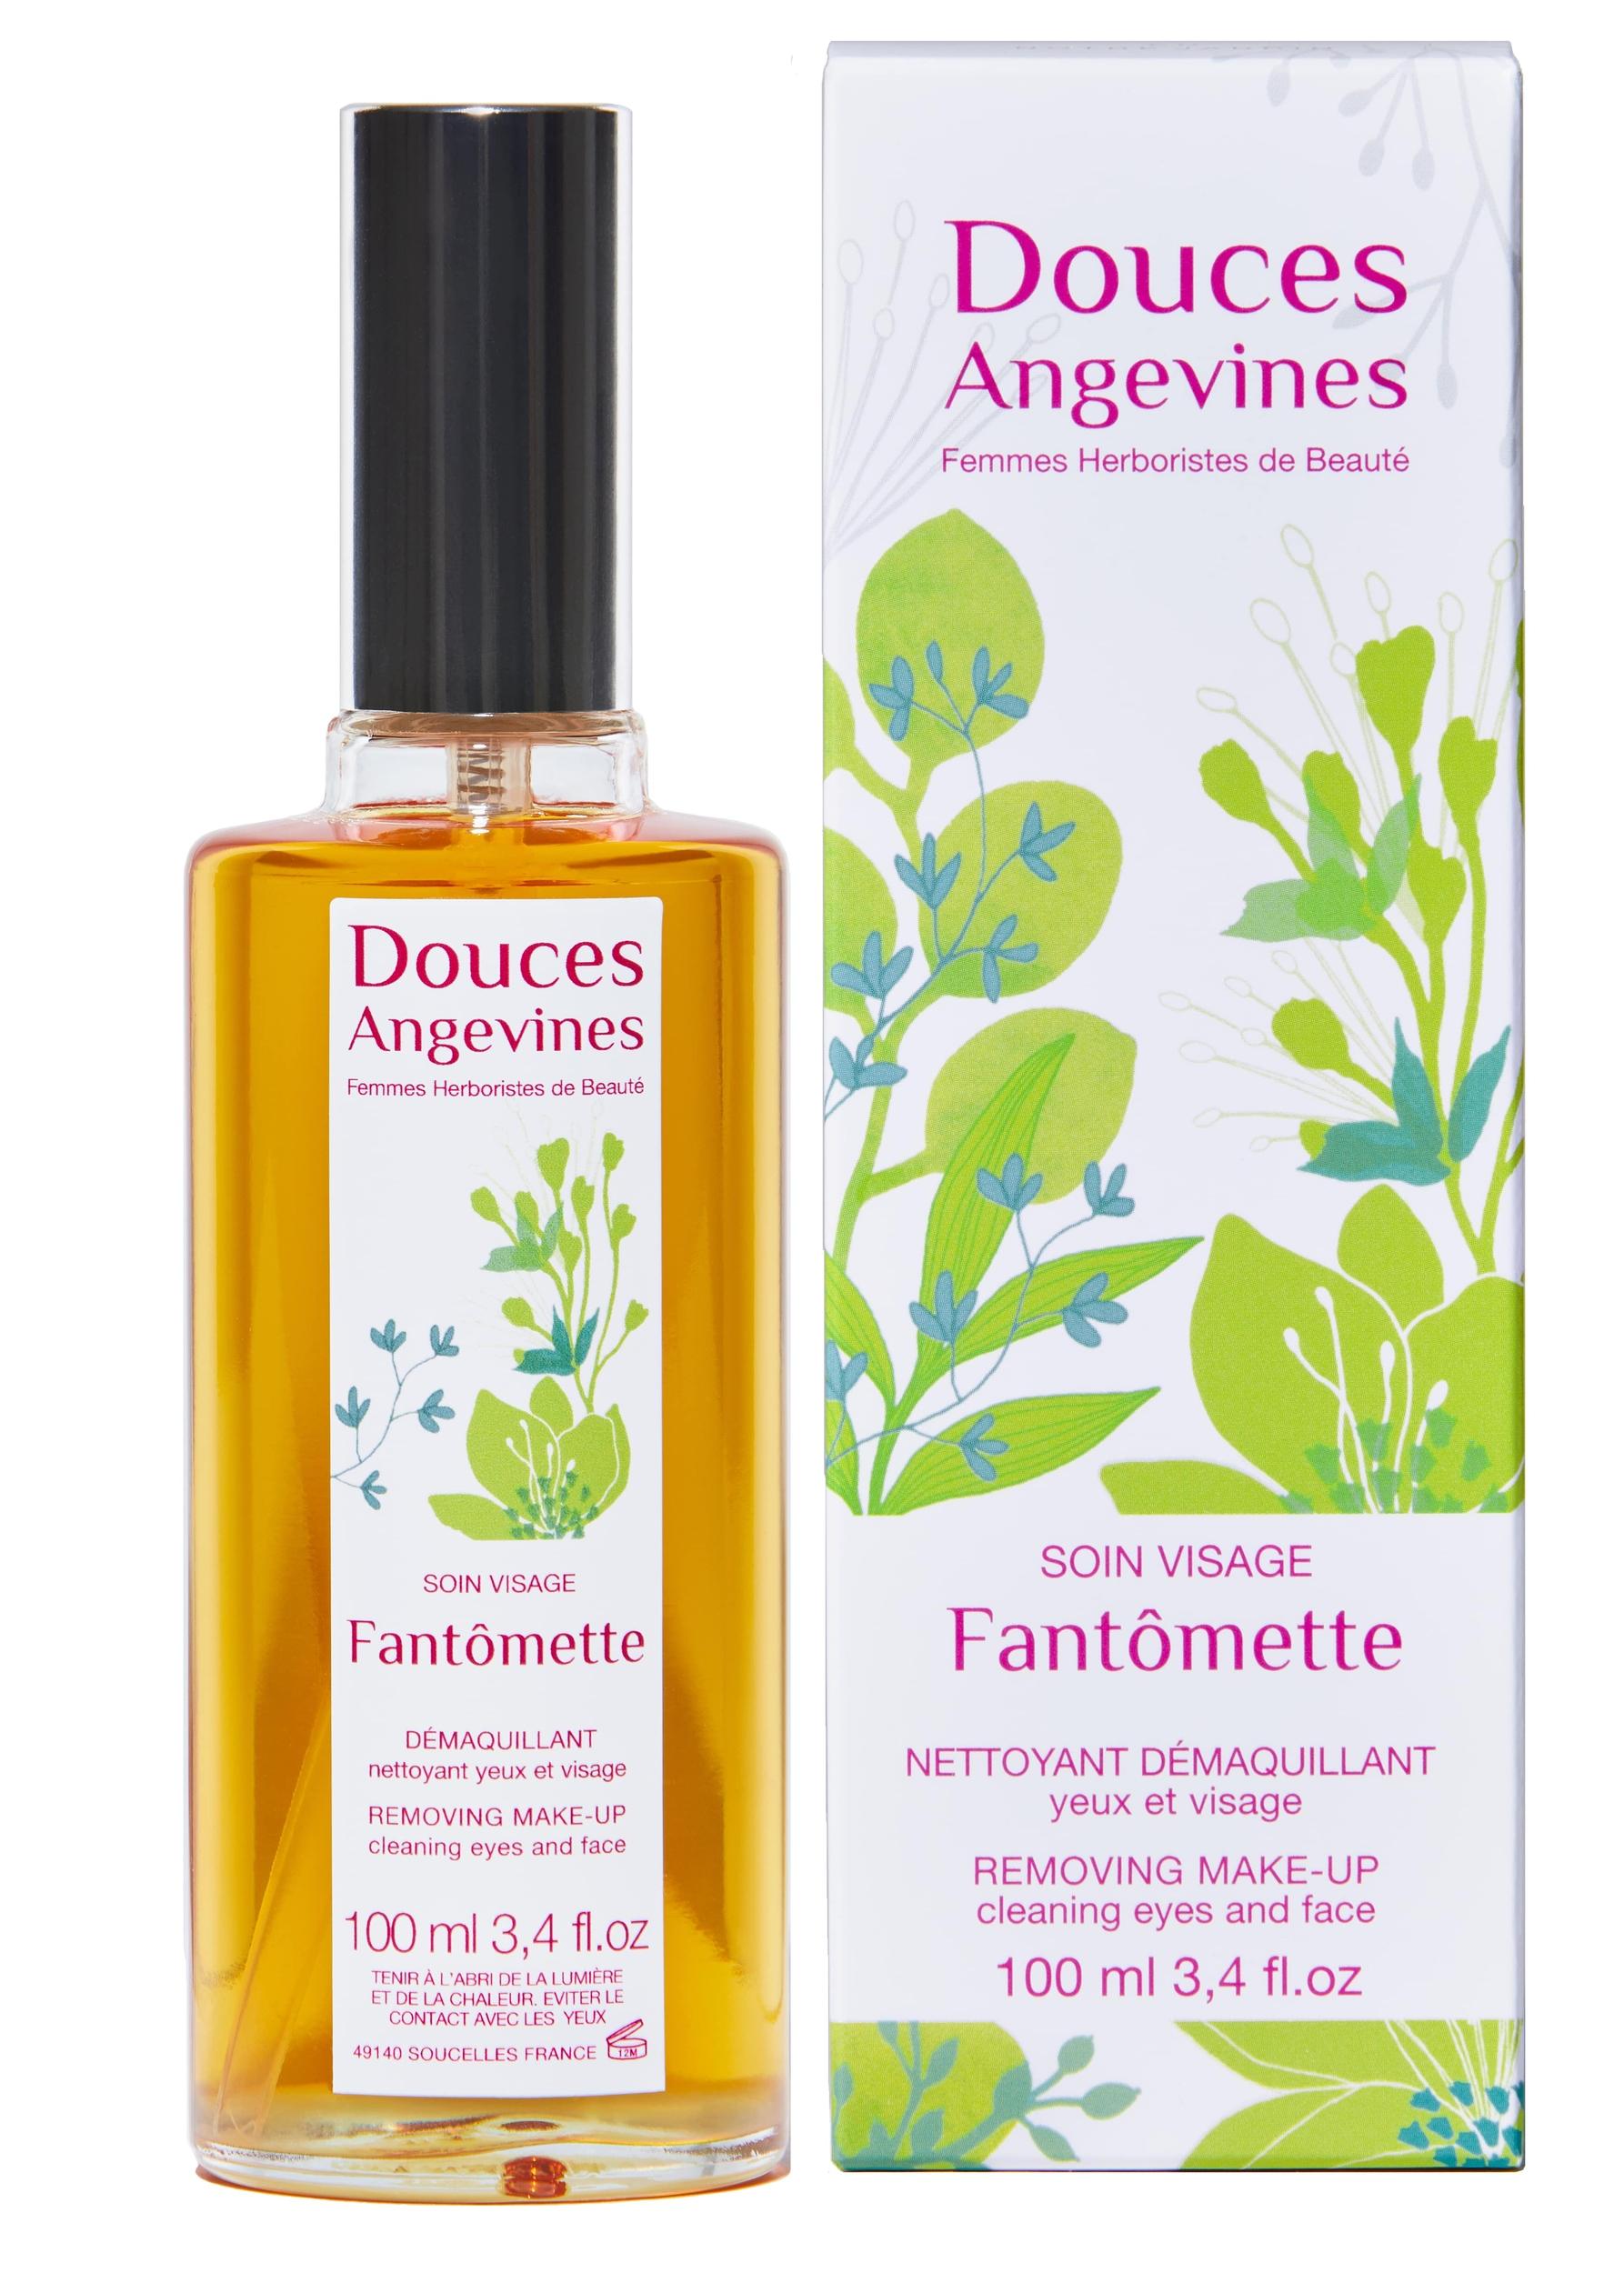 Fantomette, huile démaquillante des douces angevines, bio et vegan